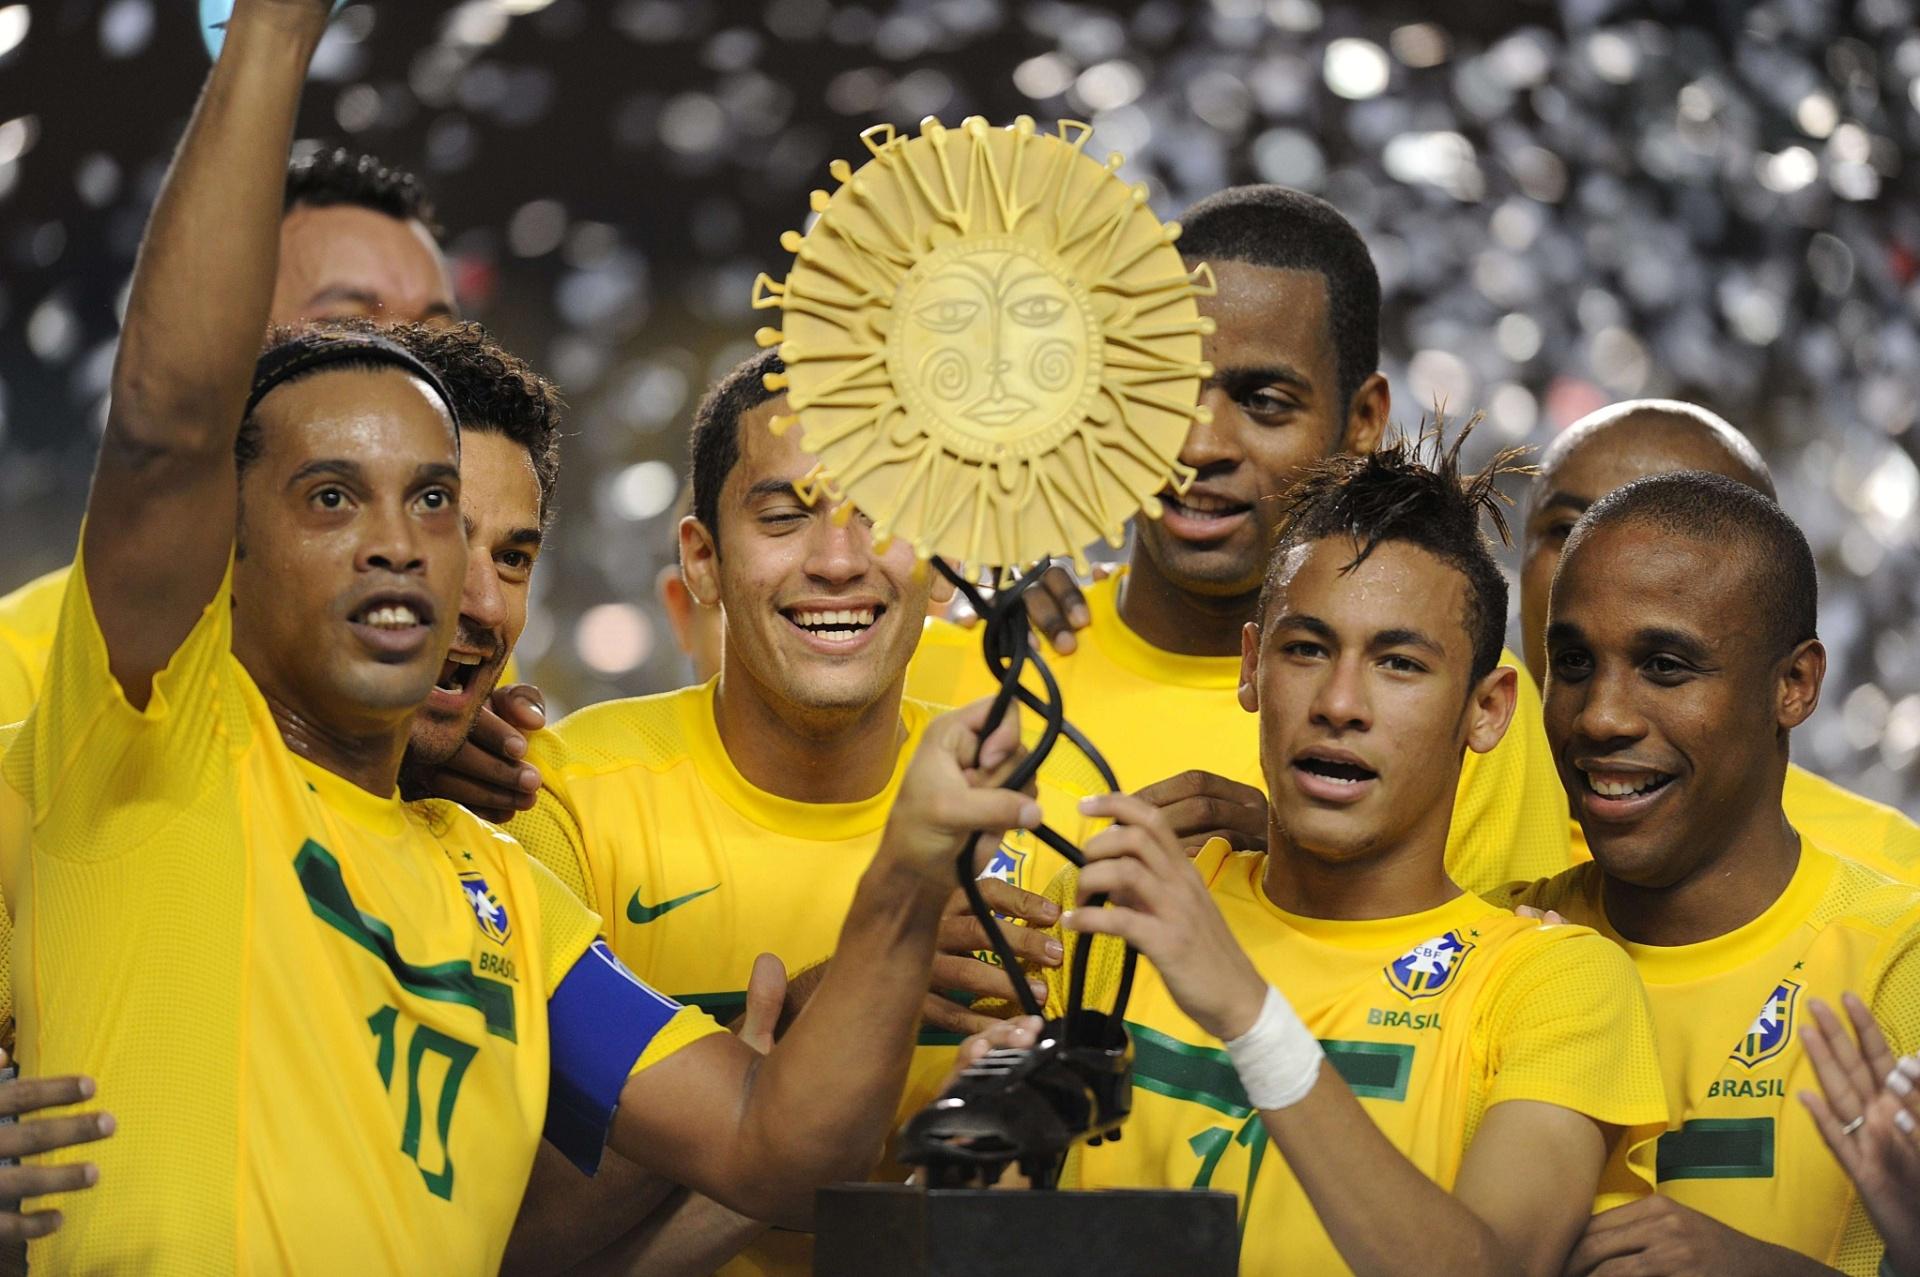 7b1d123dfc Brasil vence Superclássico contra a Argentina com brilho de estreantes  Lucas e Cortês - 28 09 2011 - UOL Esporte